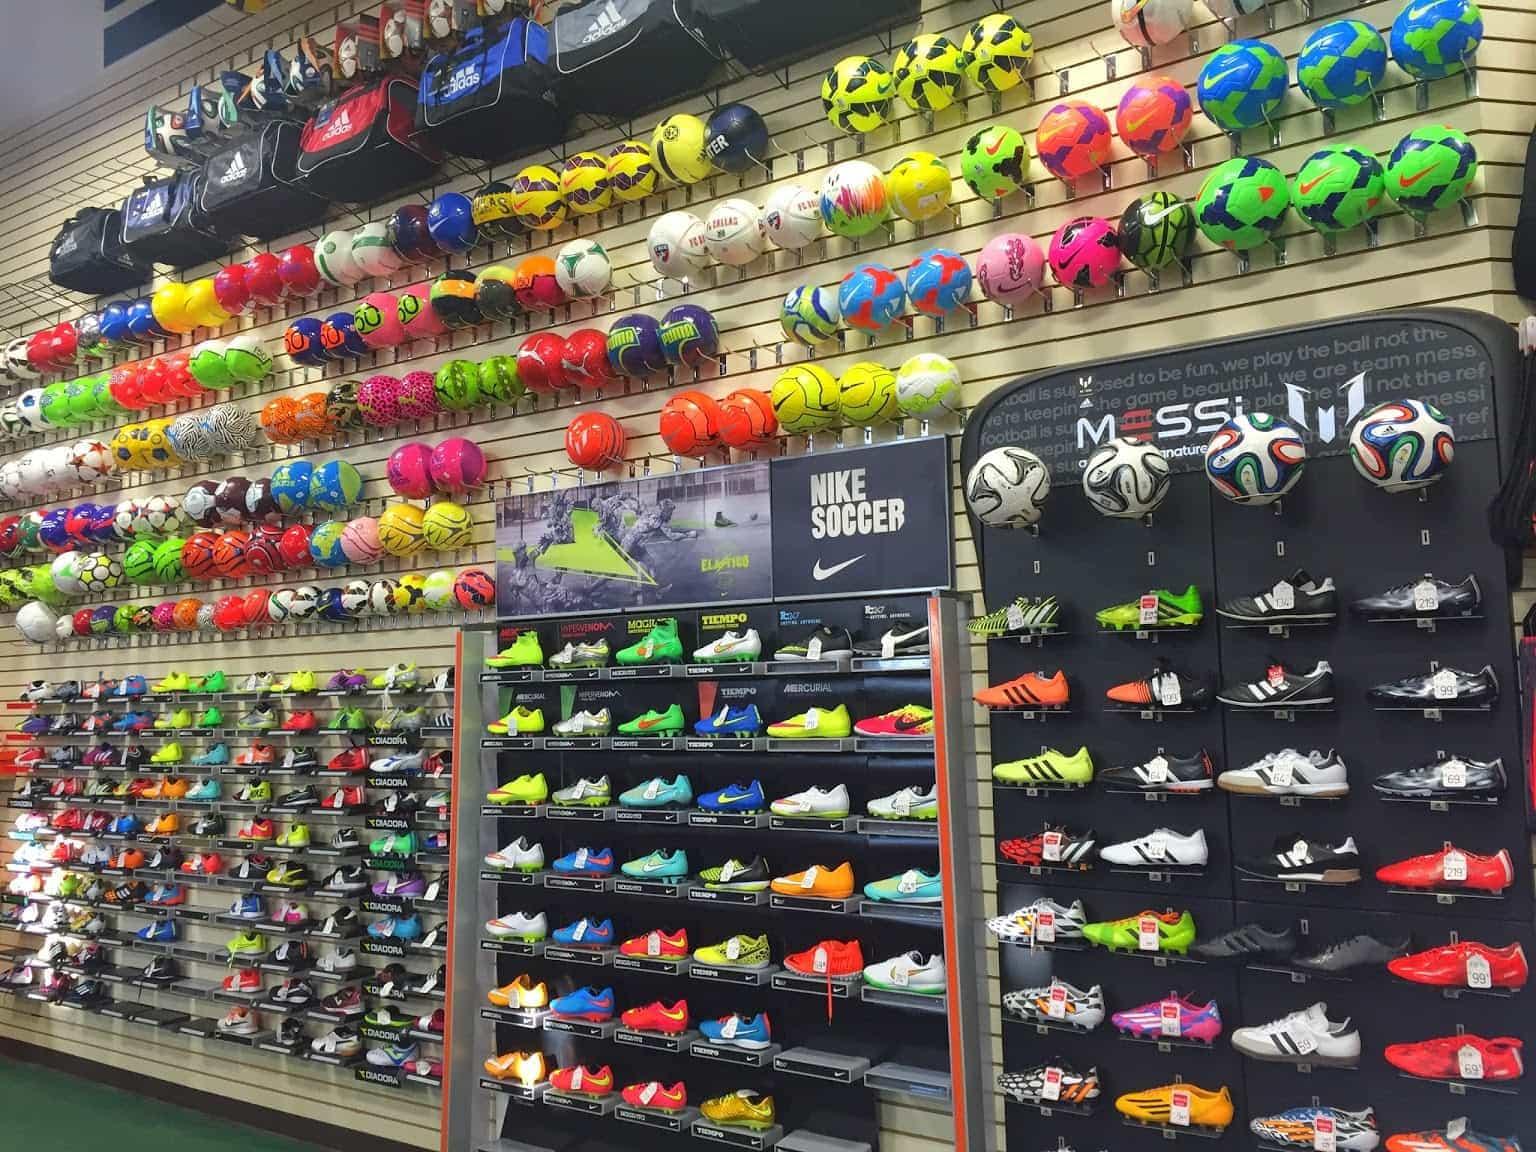 Refinería ramo de flores Desempleados  Soccer City Frisco - Store Hours, Directions & Reviews | Soccer Retailers